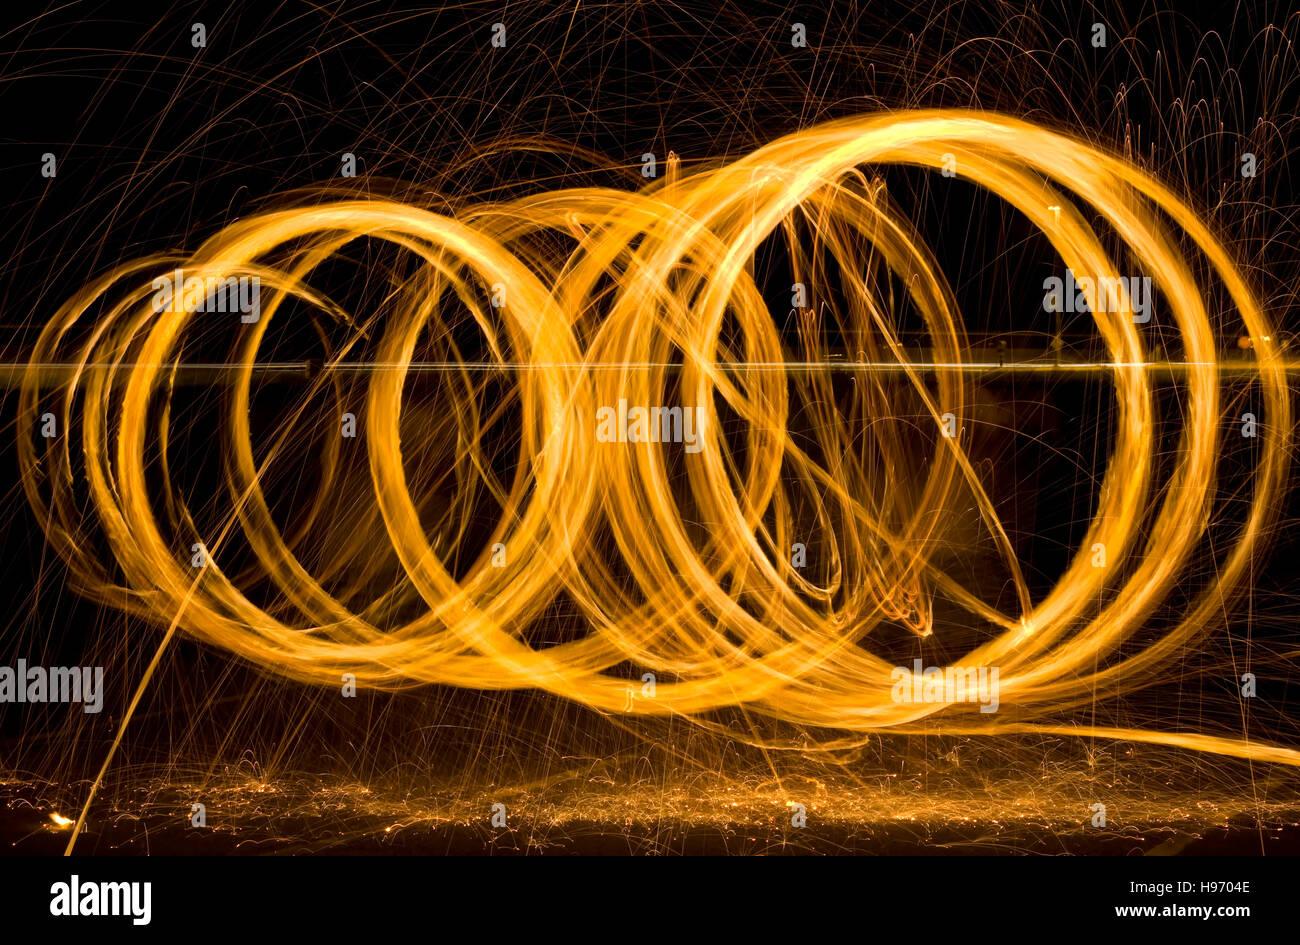 Peinture Lumière Ronde de Nuit Sparks Banque D'Images